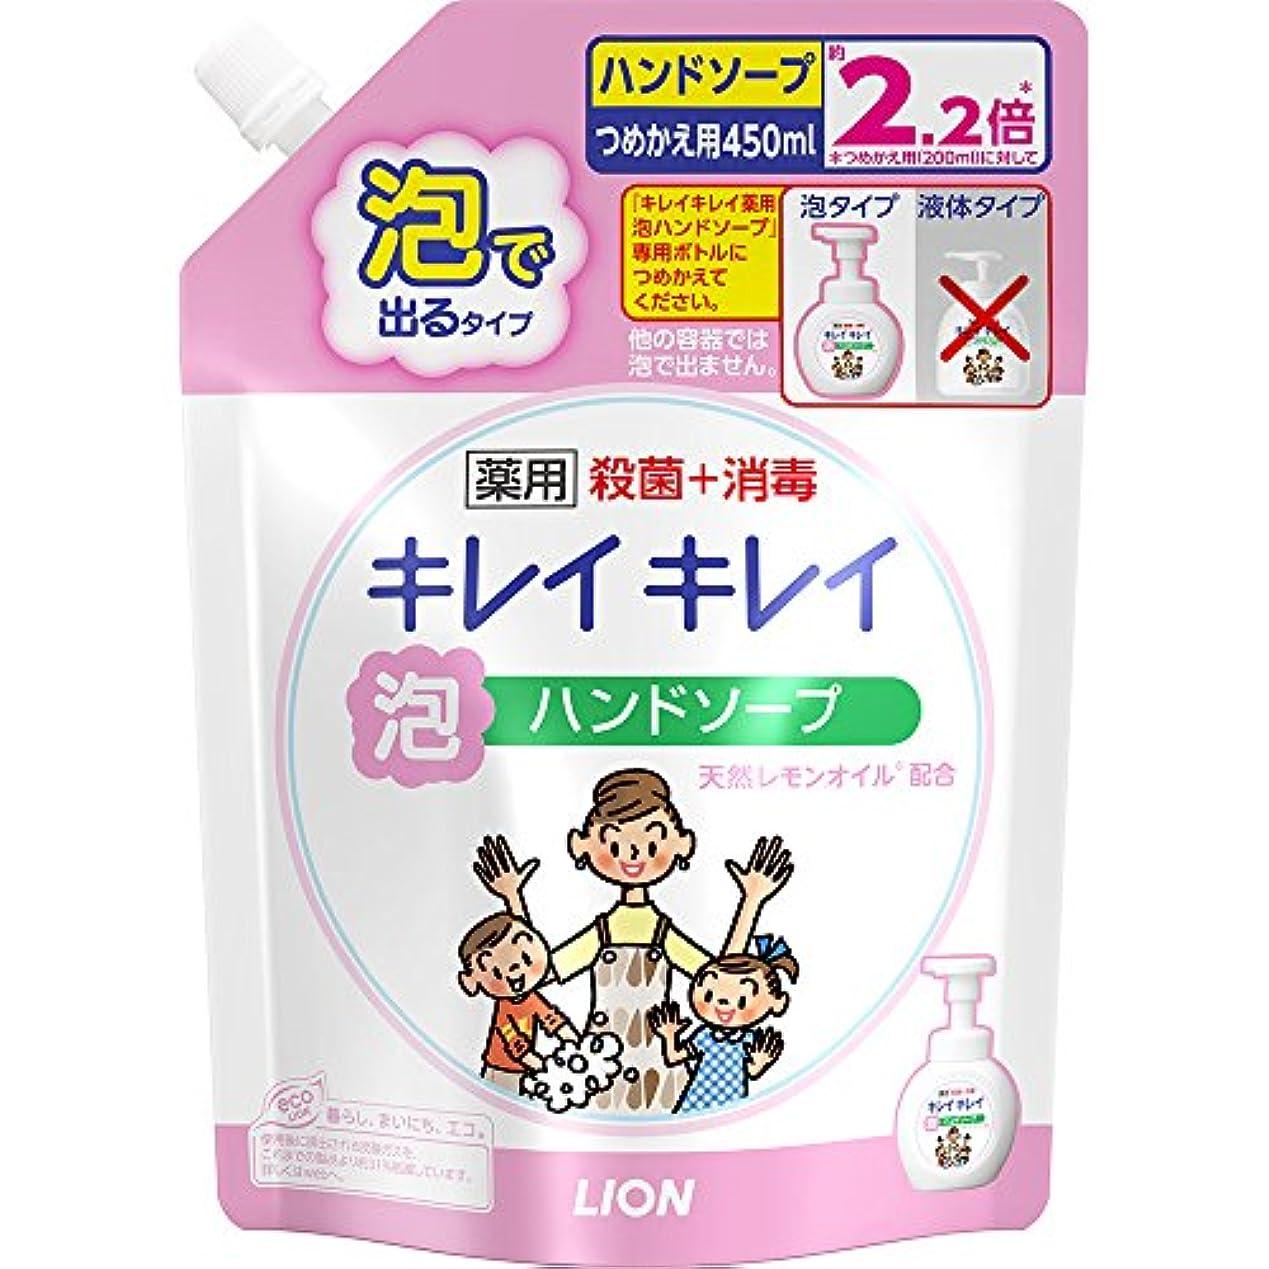 奨励します聖人レシピキレイキレイ 薬用 泡ハンドソープ シトラスフルーティの香り 詰め替え 450mL